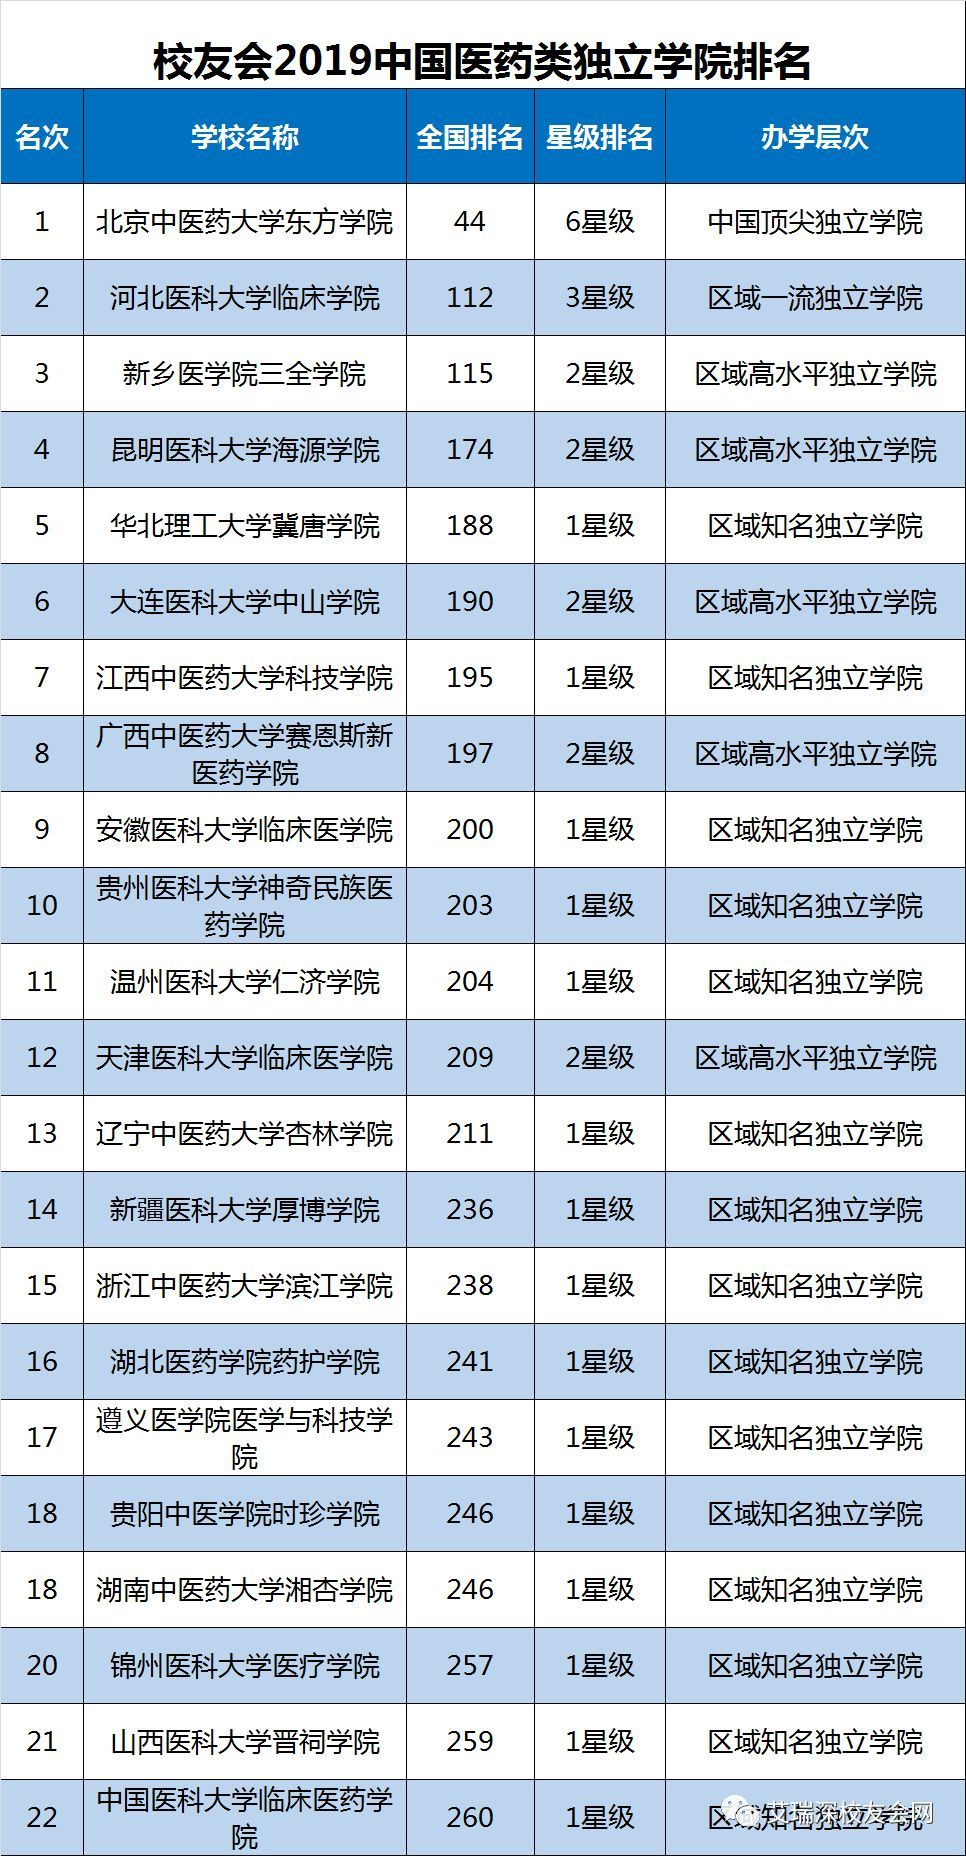 2019中国高校排行_2019中国财经 师范 理工 医科和综合最好大学排名,北大